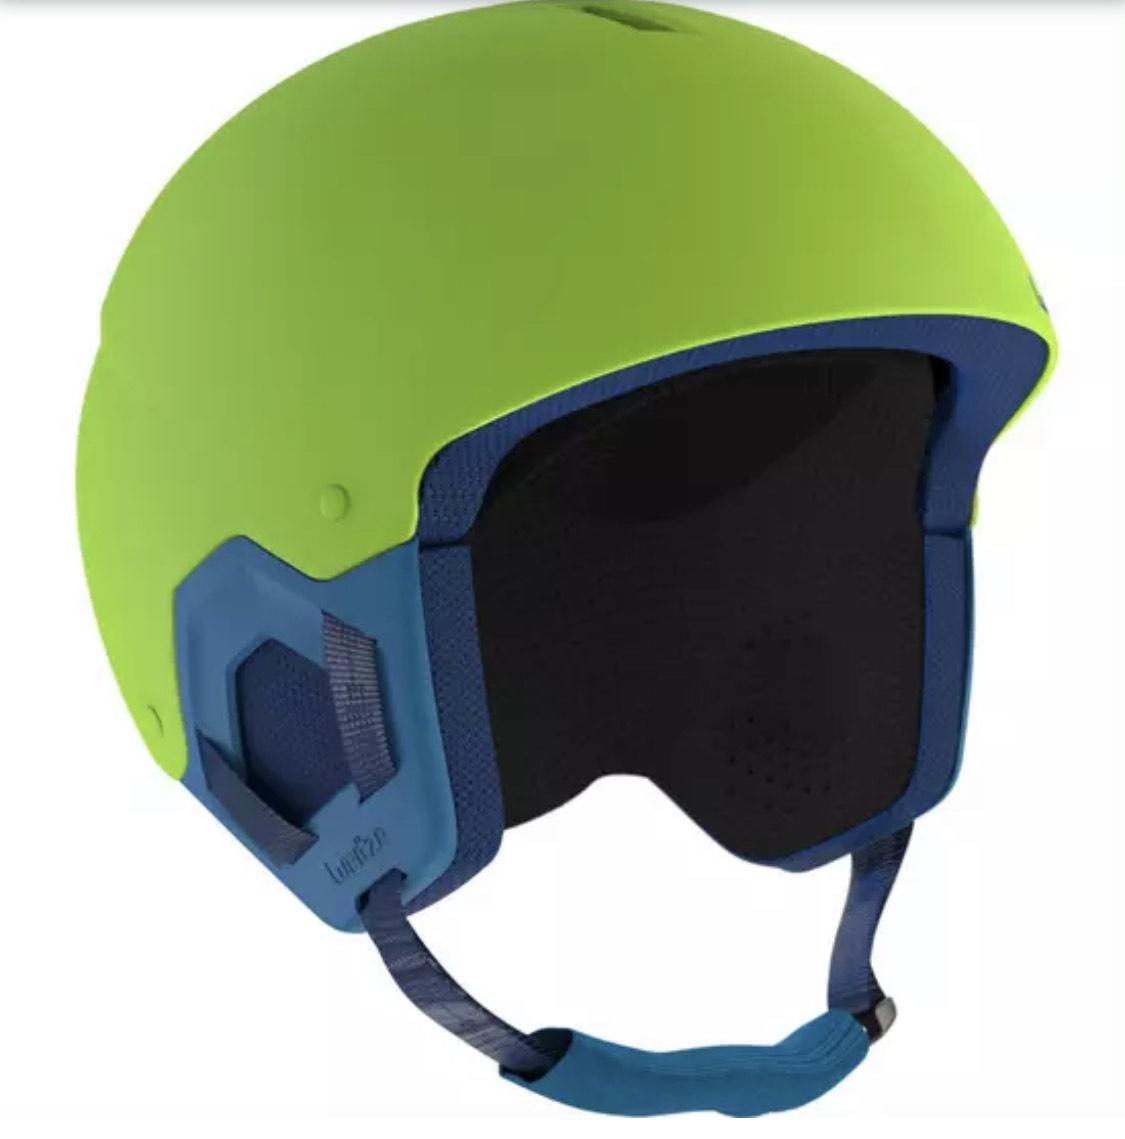 Casque de ski pour enfant WEDZE H-KID 500 - Vert